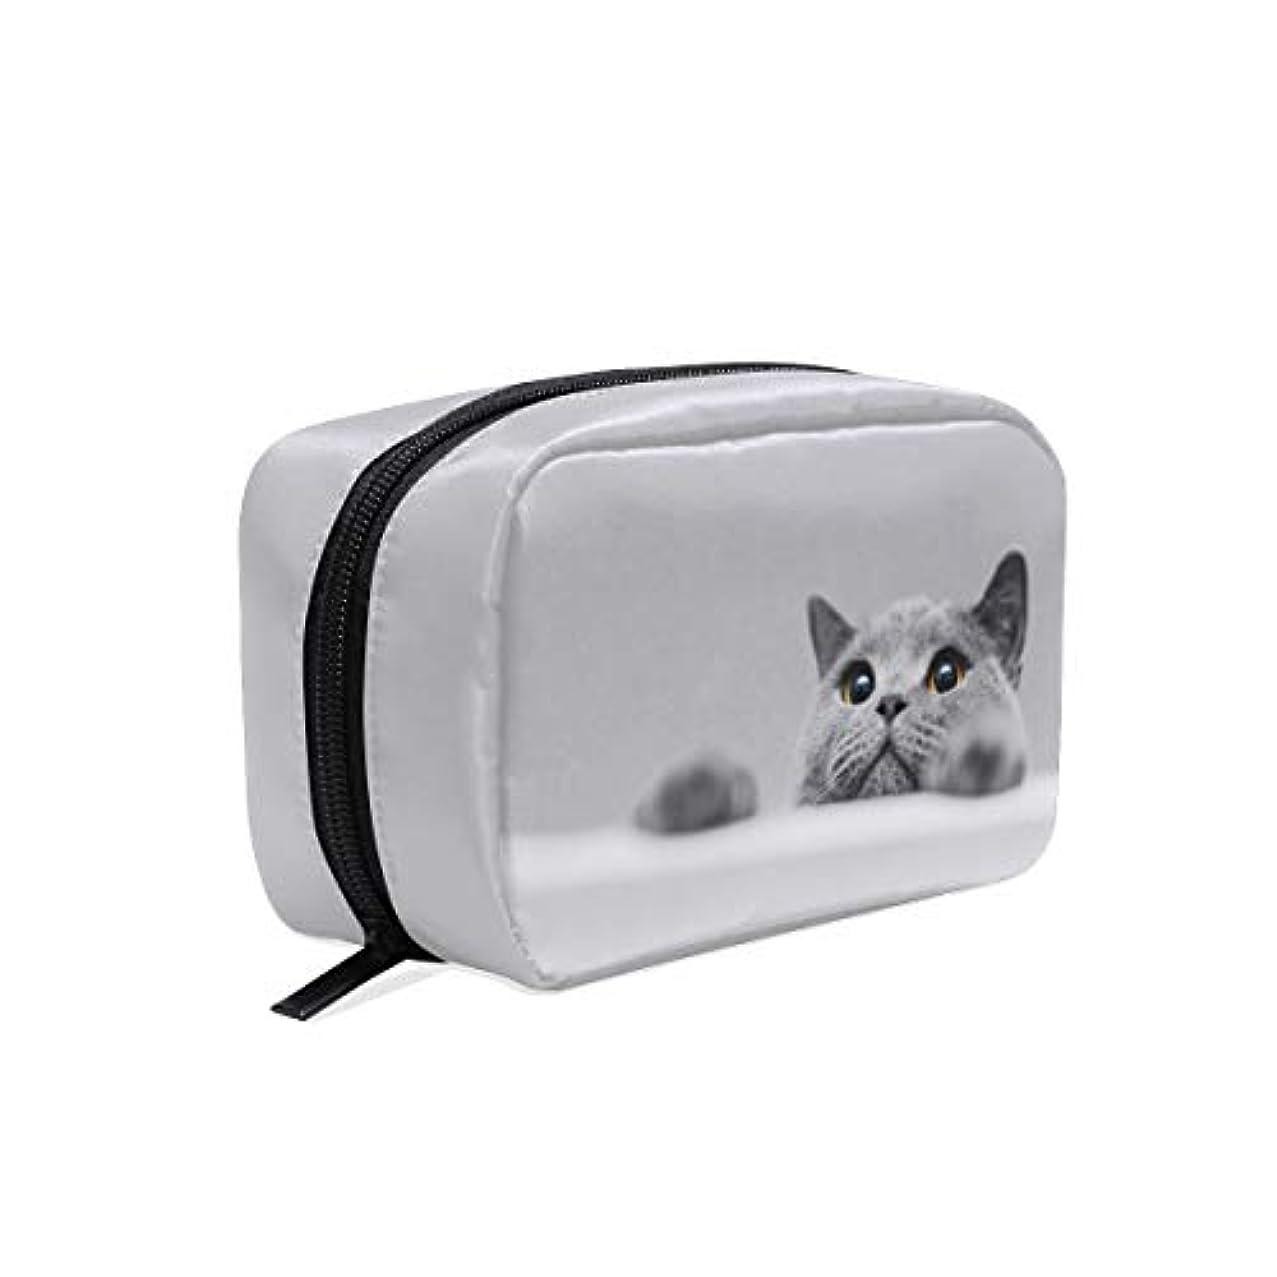 受賞パスライド(VAWA) メイクポーチ 大容量 可愛い 猫 グレー 動物 化粧ポーチ コンパクト 機能 おしゃれ 携帯用 コスメ収納 仕切り ミニポーチ バニティーケース 洗面道具